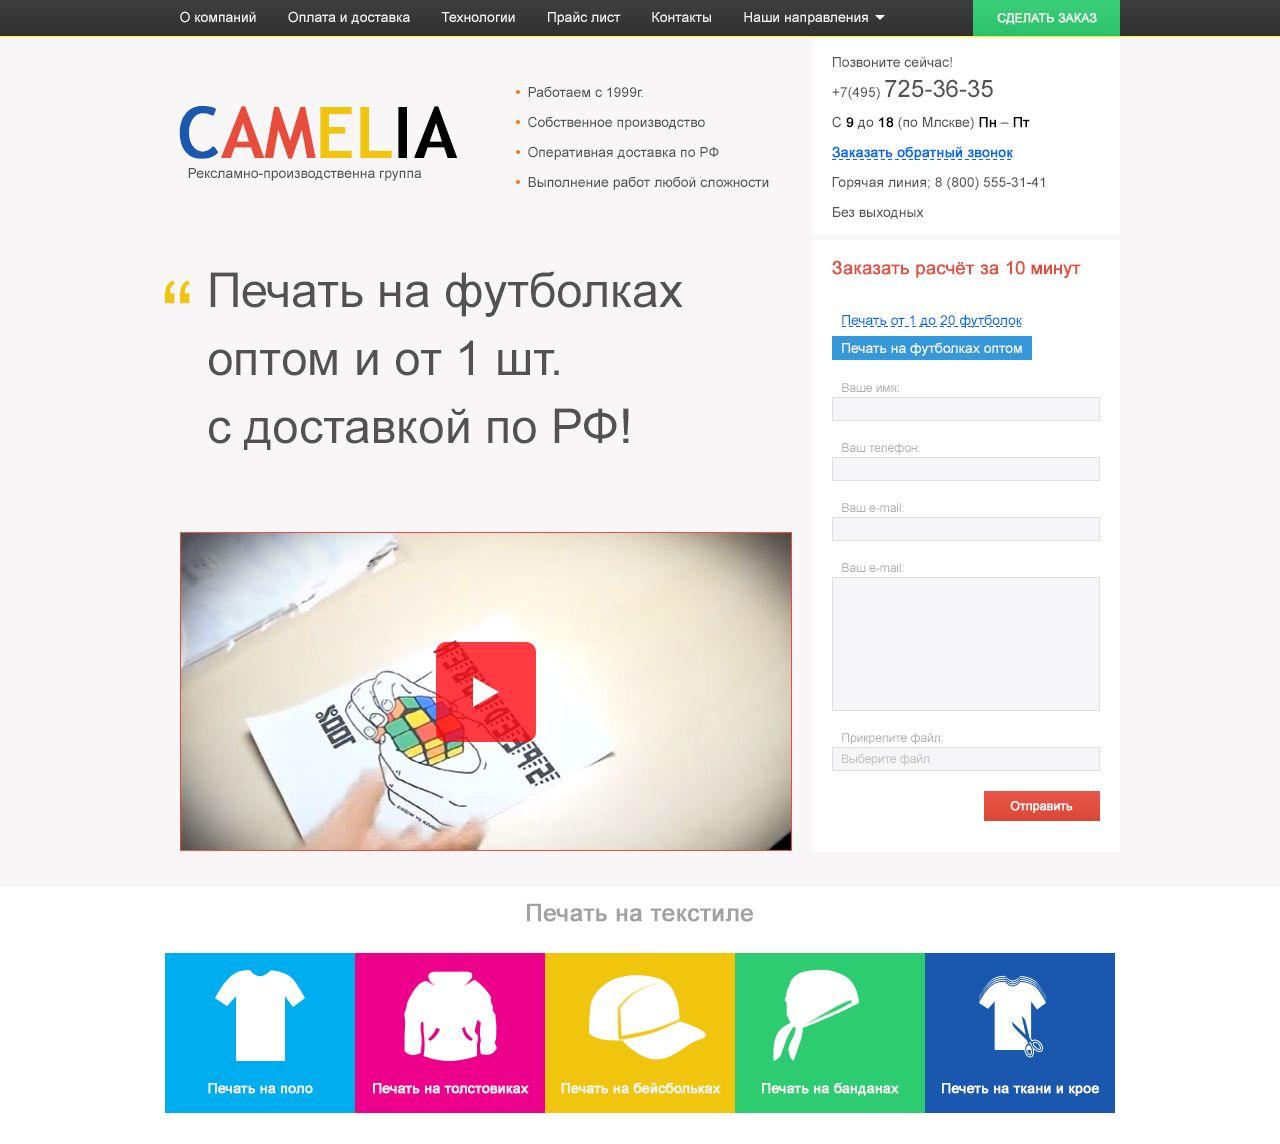 Дизайн главной страницы сайта - дизайнер alexmoruz